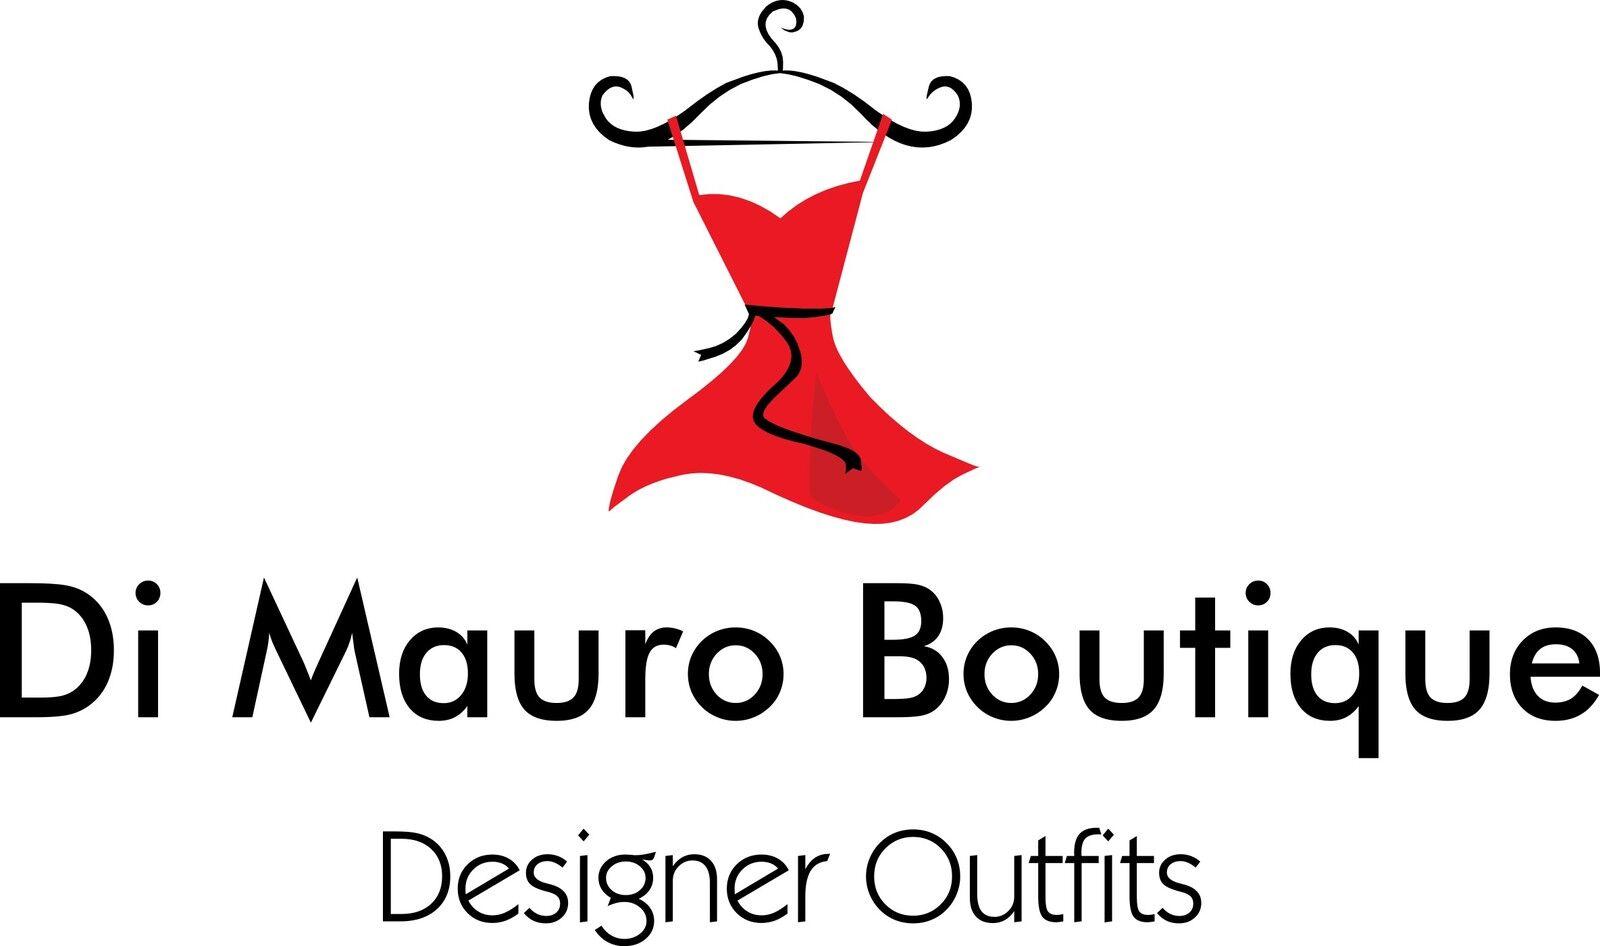 Di Mauro Boutique